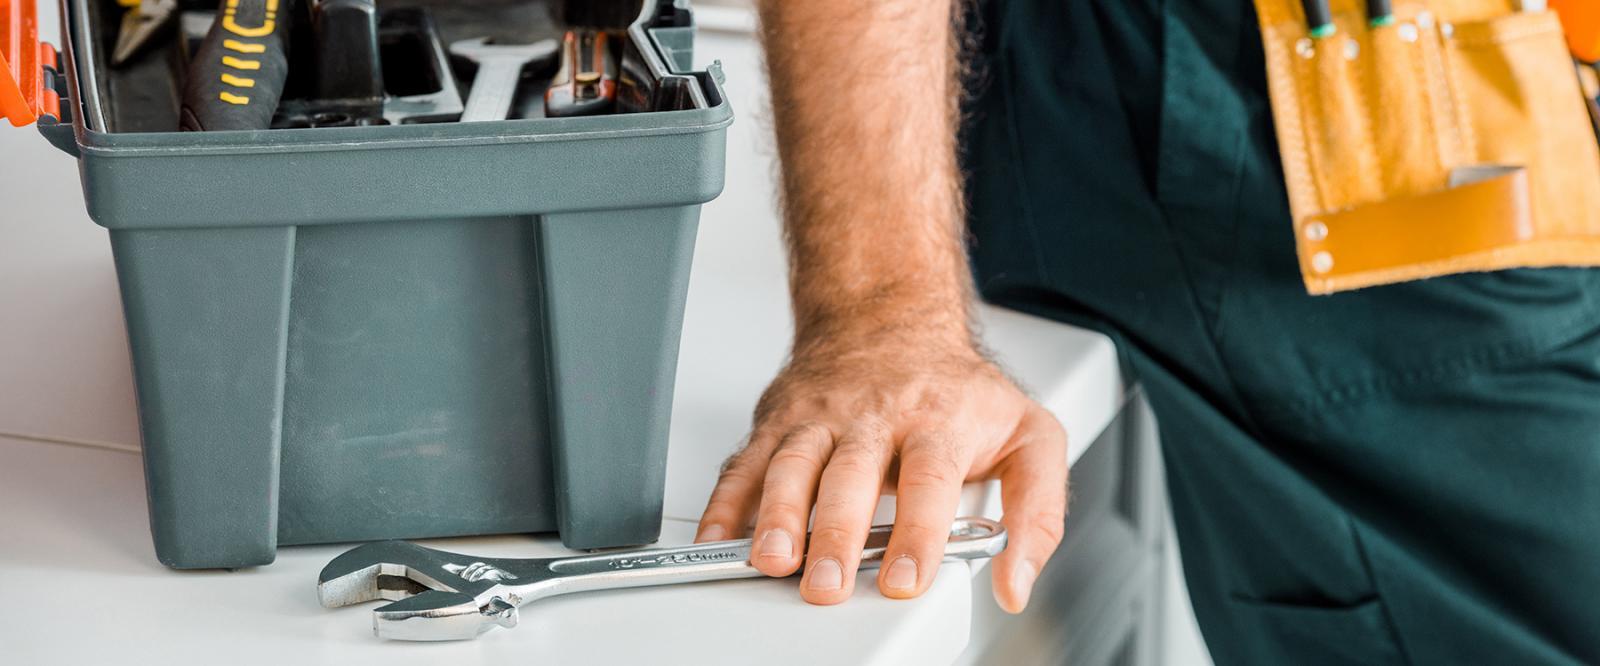 Voordelen loodgieters vakmannen